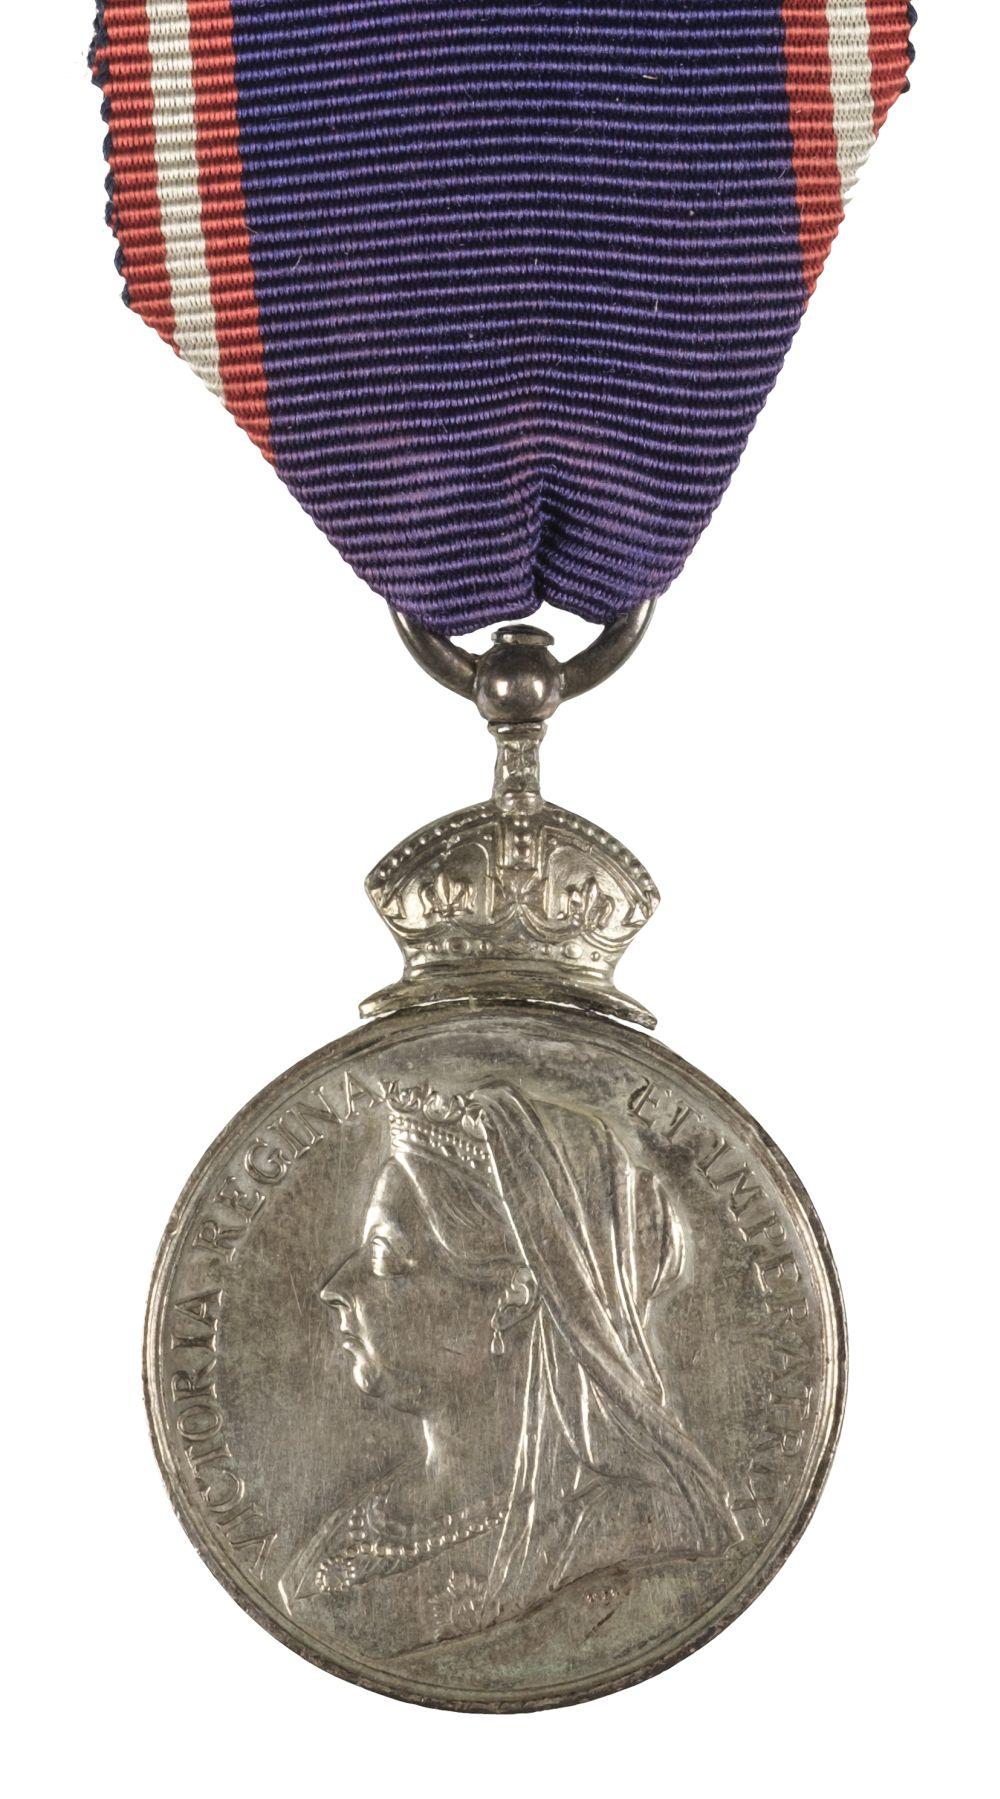 * Royal Victorian Medal, V.R., silver